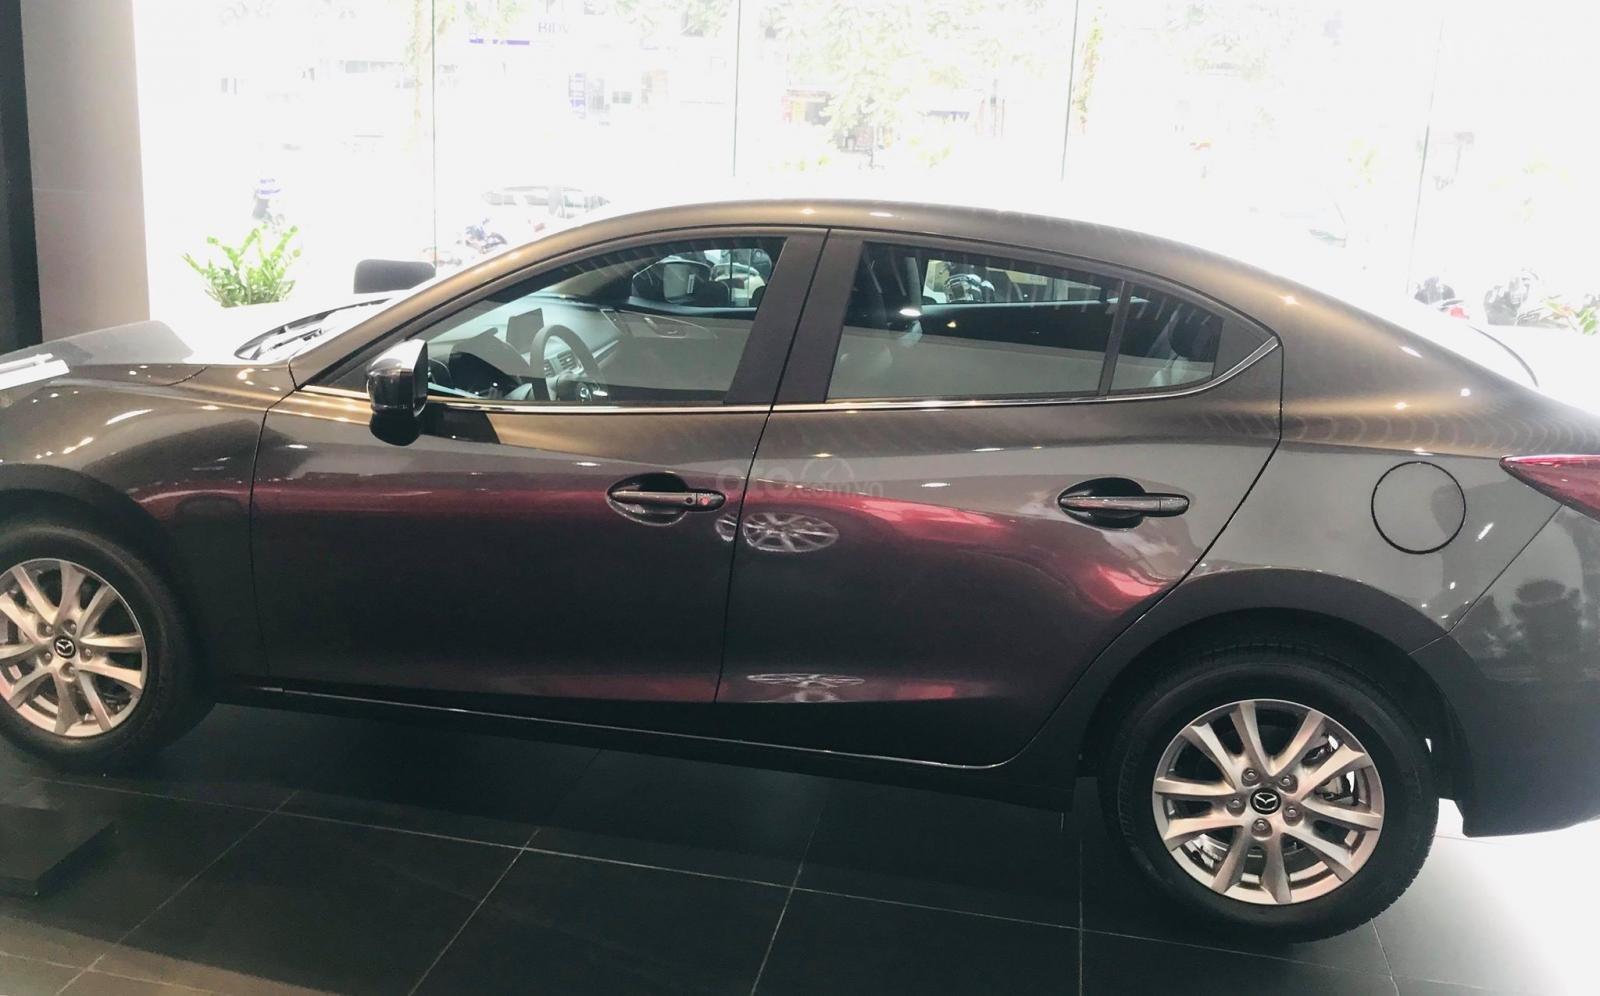 Ưu đãi Mazda 3 lên đến 71tr - Hỗ trợ 90% (2)